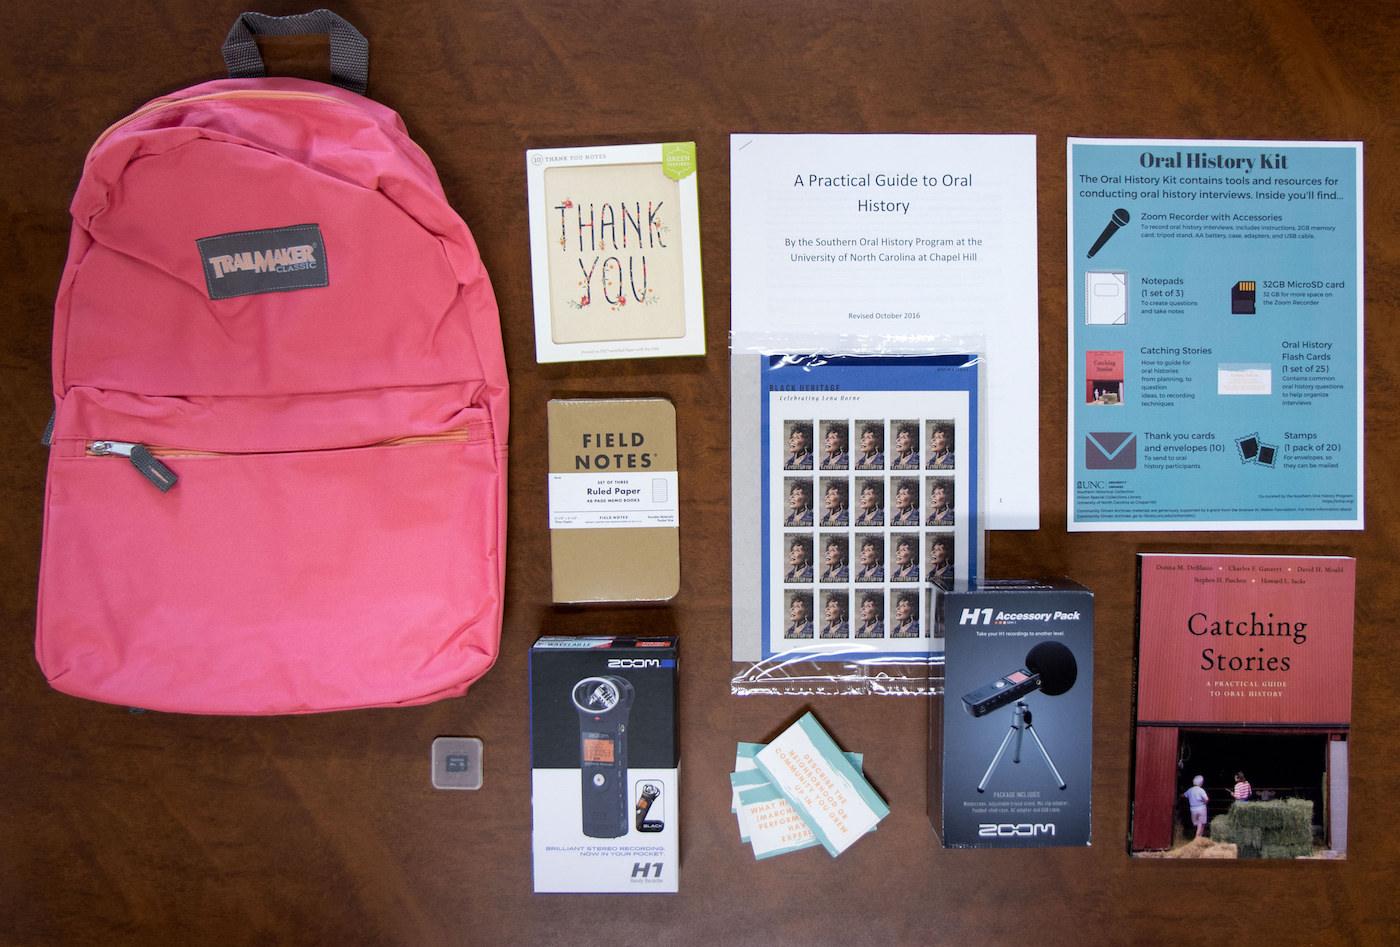 archivistbackpack2.jpg